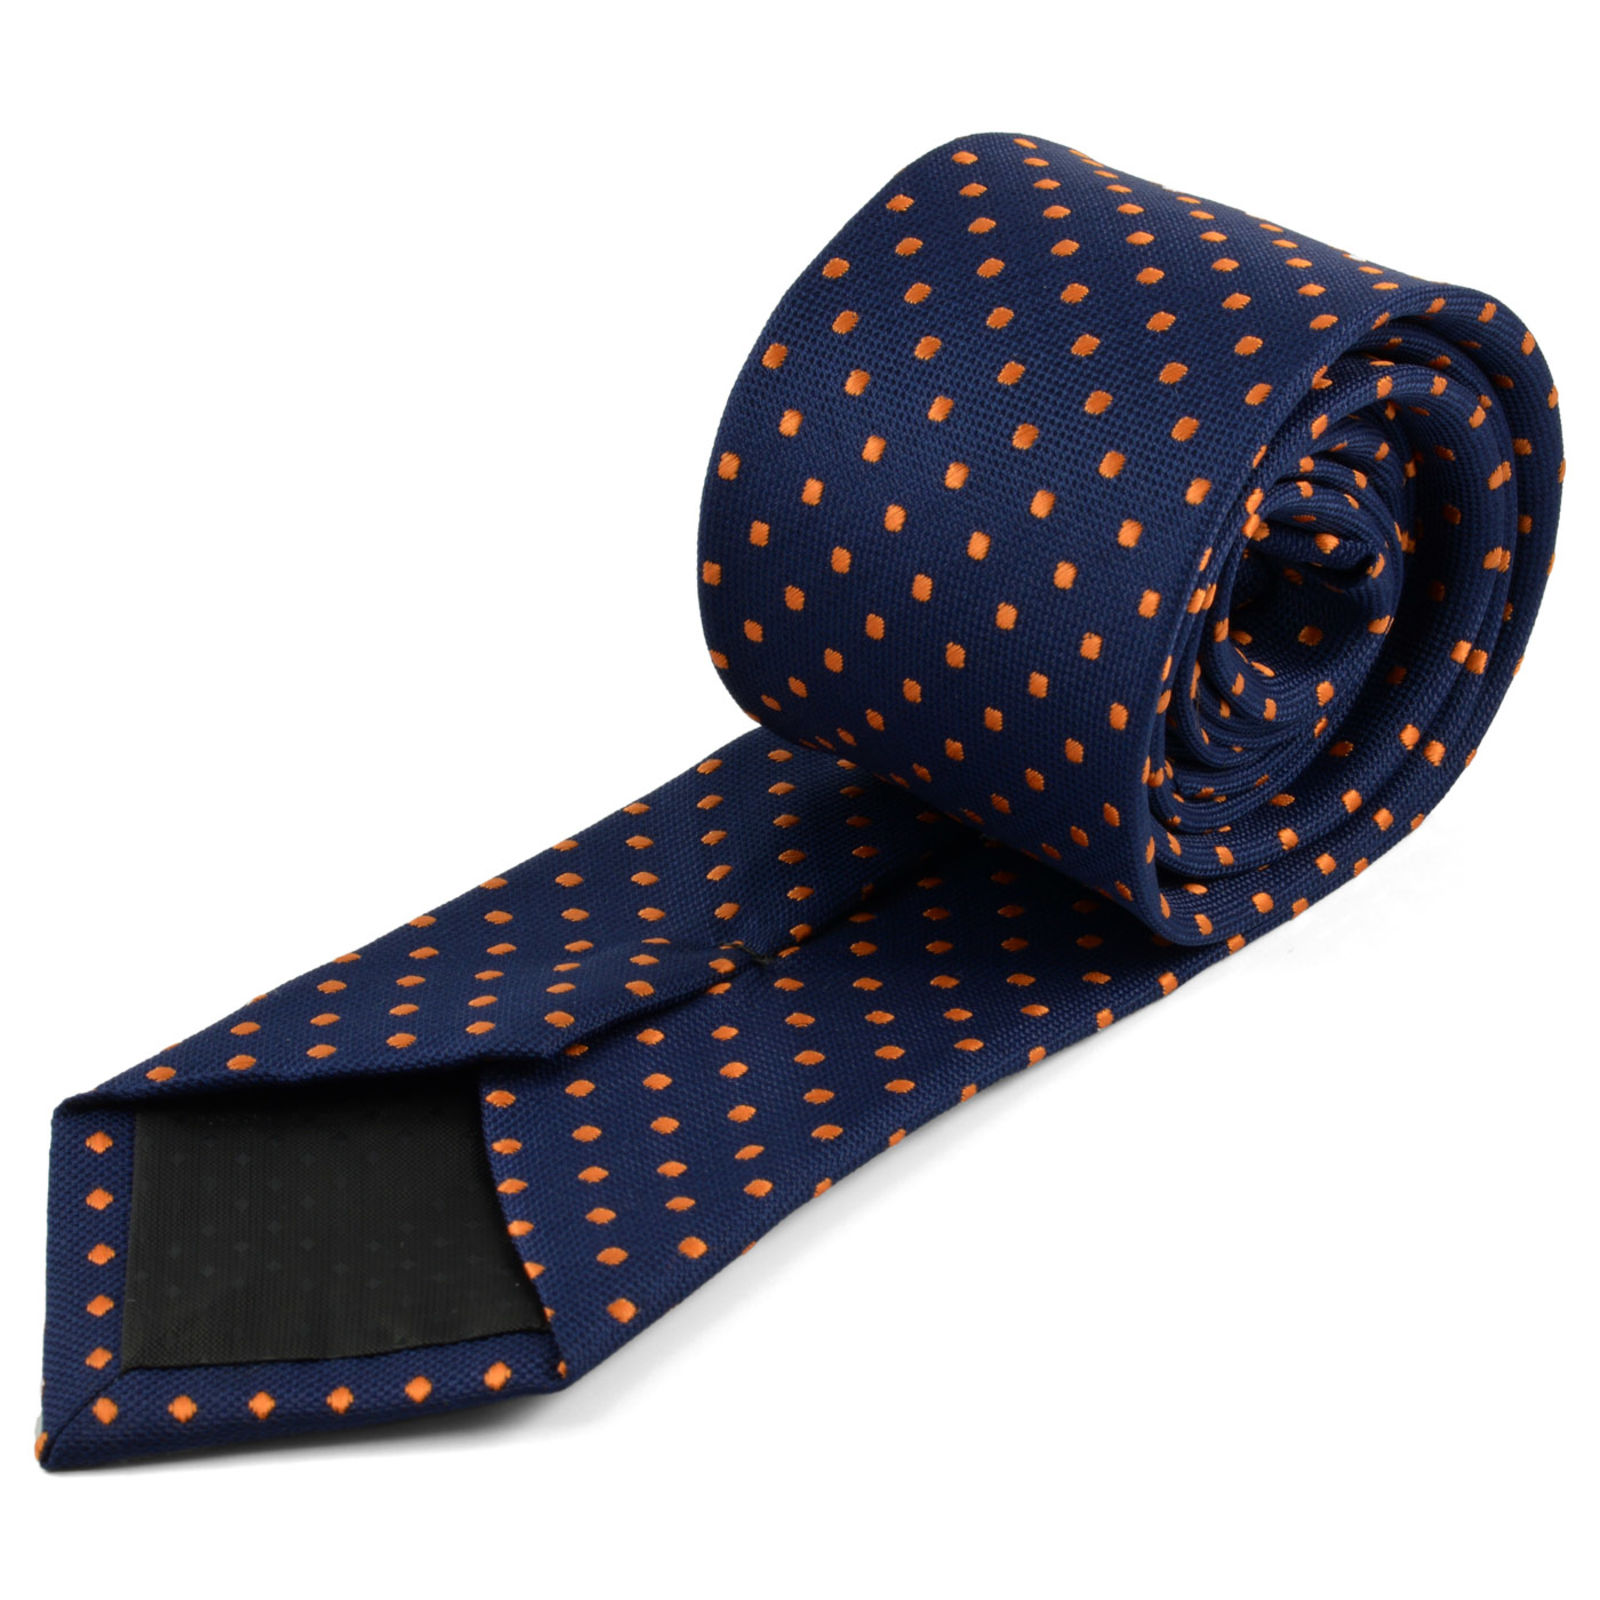 Black & Orange Floral Tie Trendhim olLXYoP